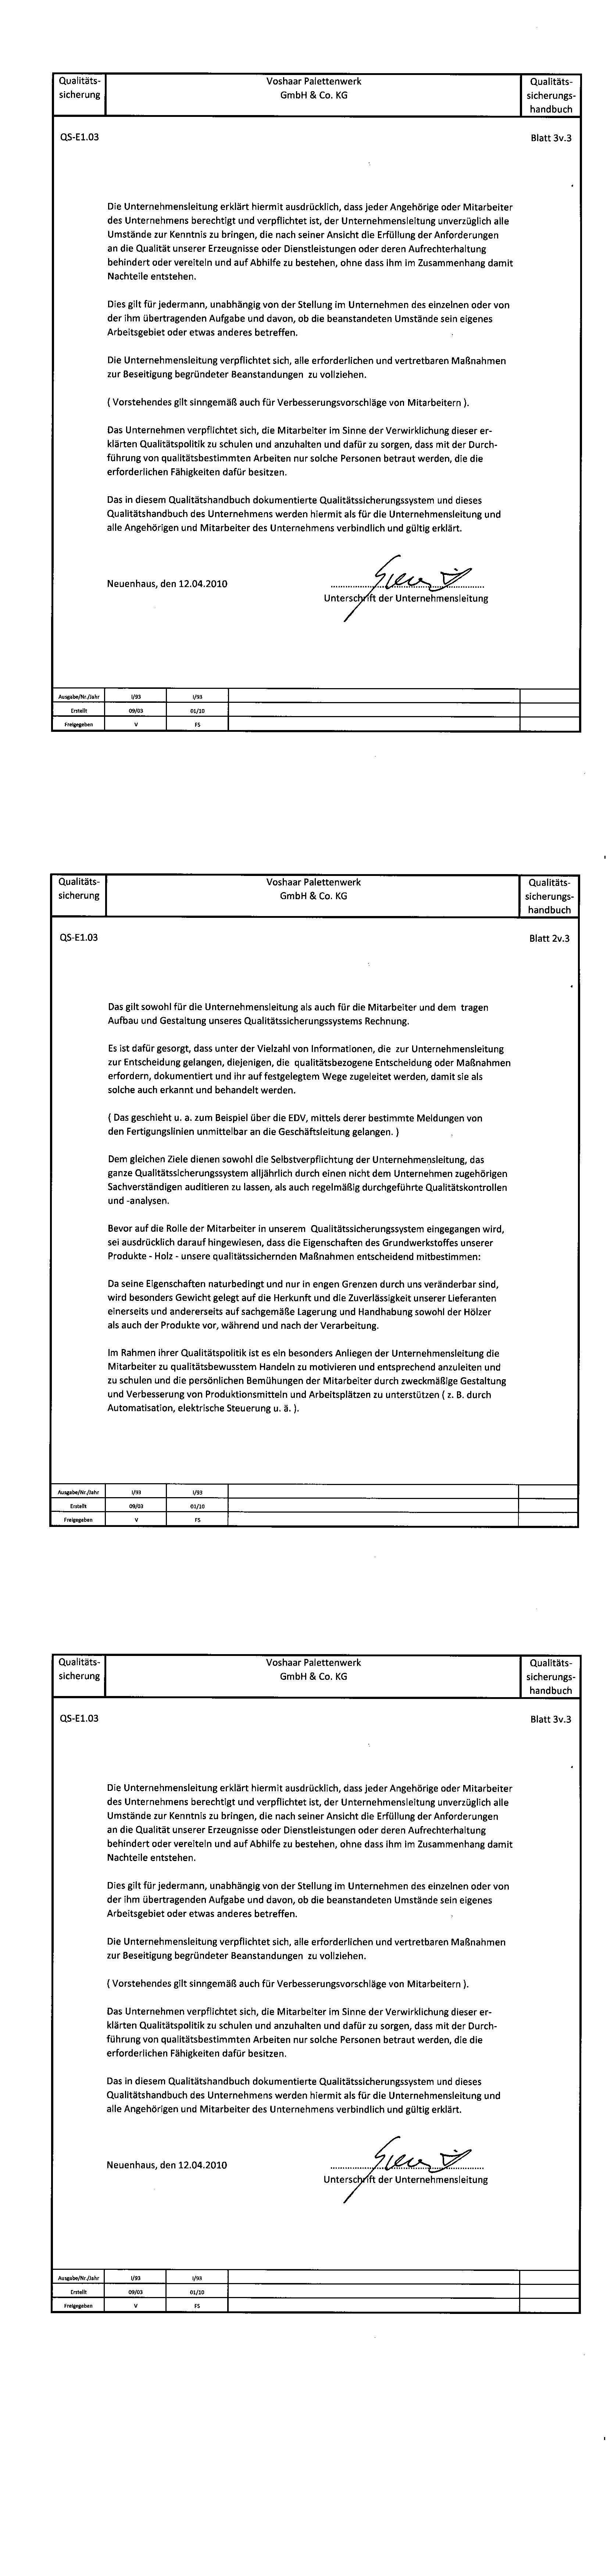 erklrungen der geschftsleitung zur qualittspolitik - Qualitatspolitik Beispiel